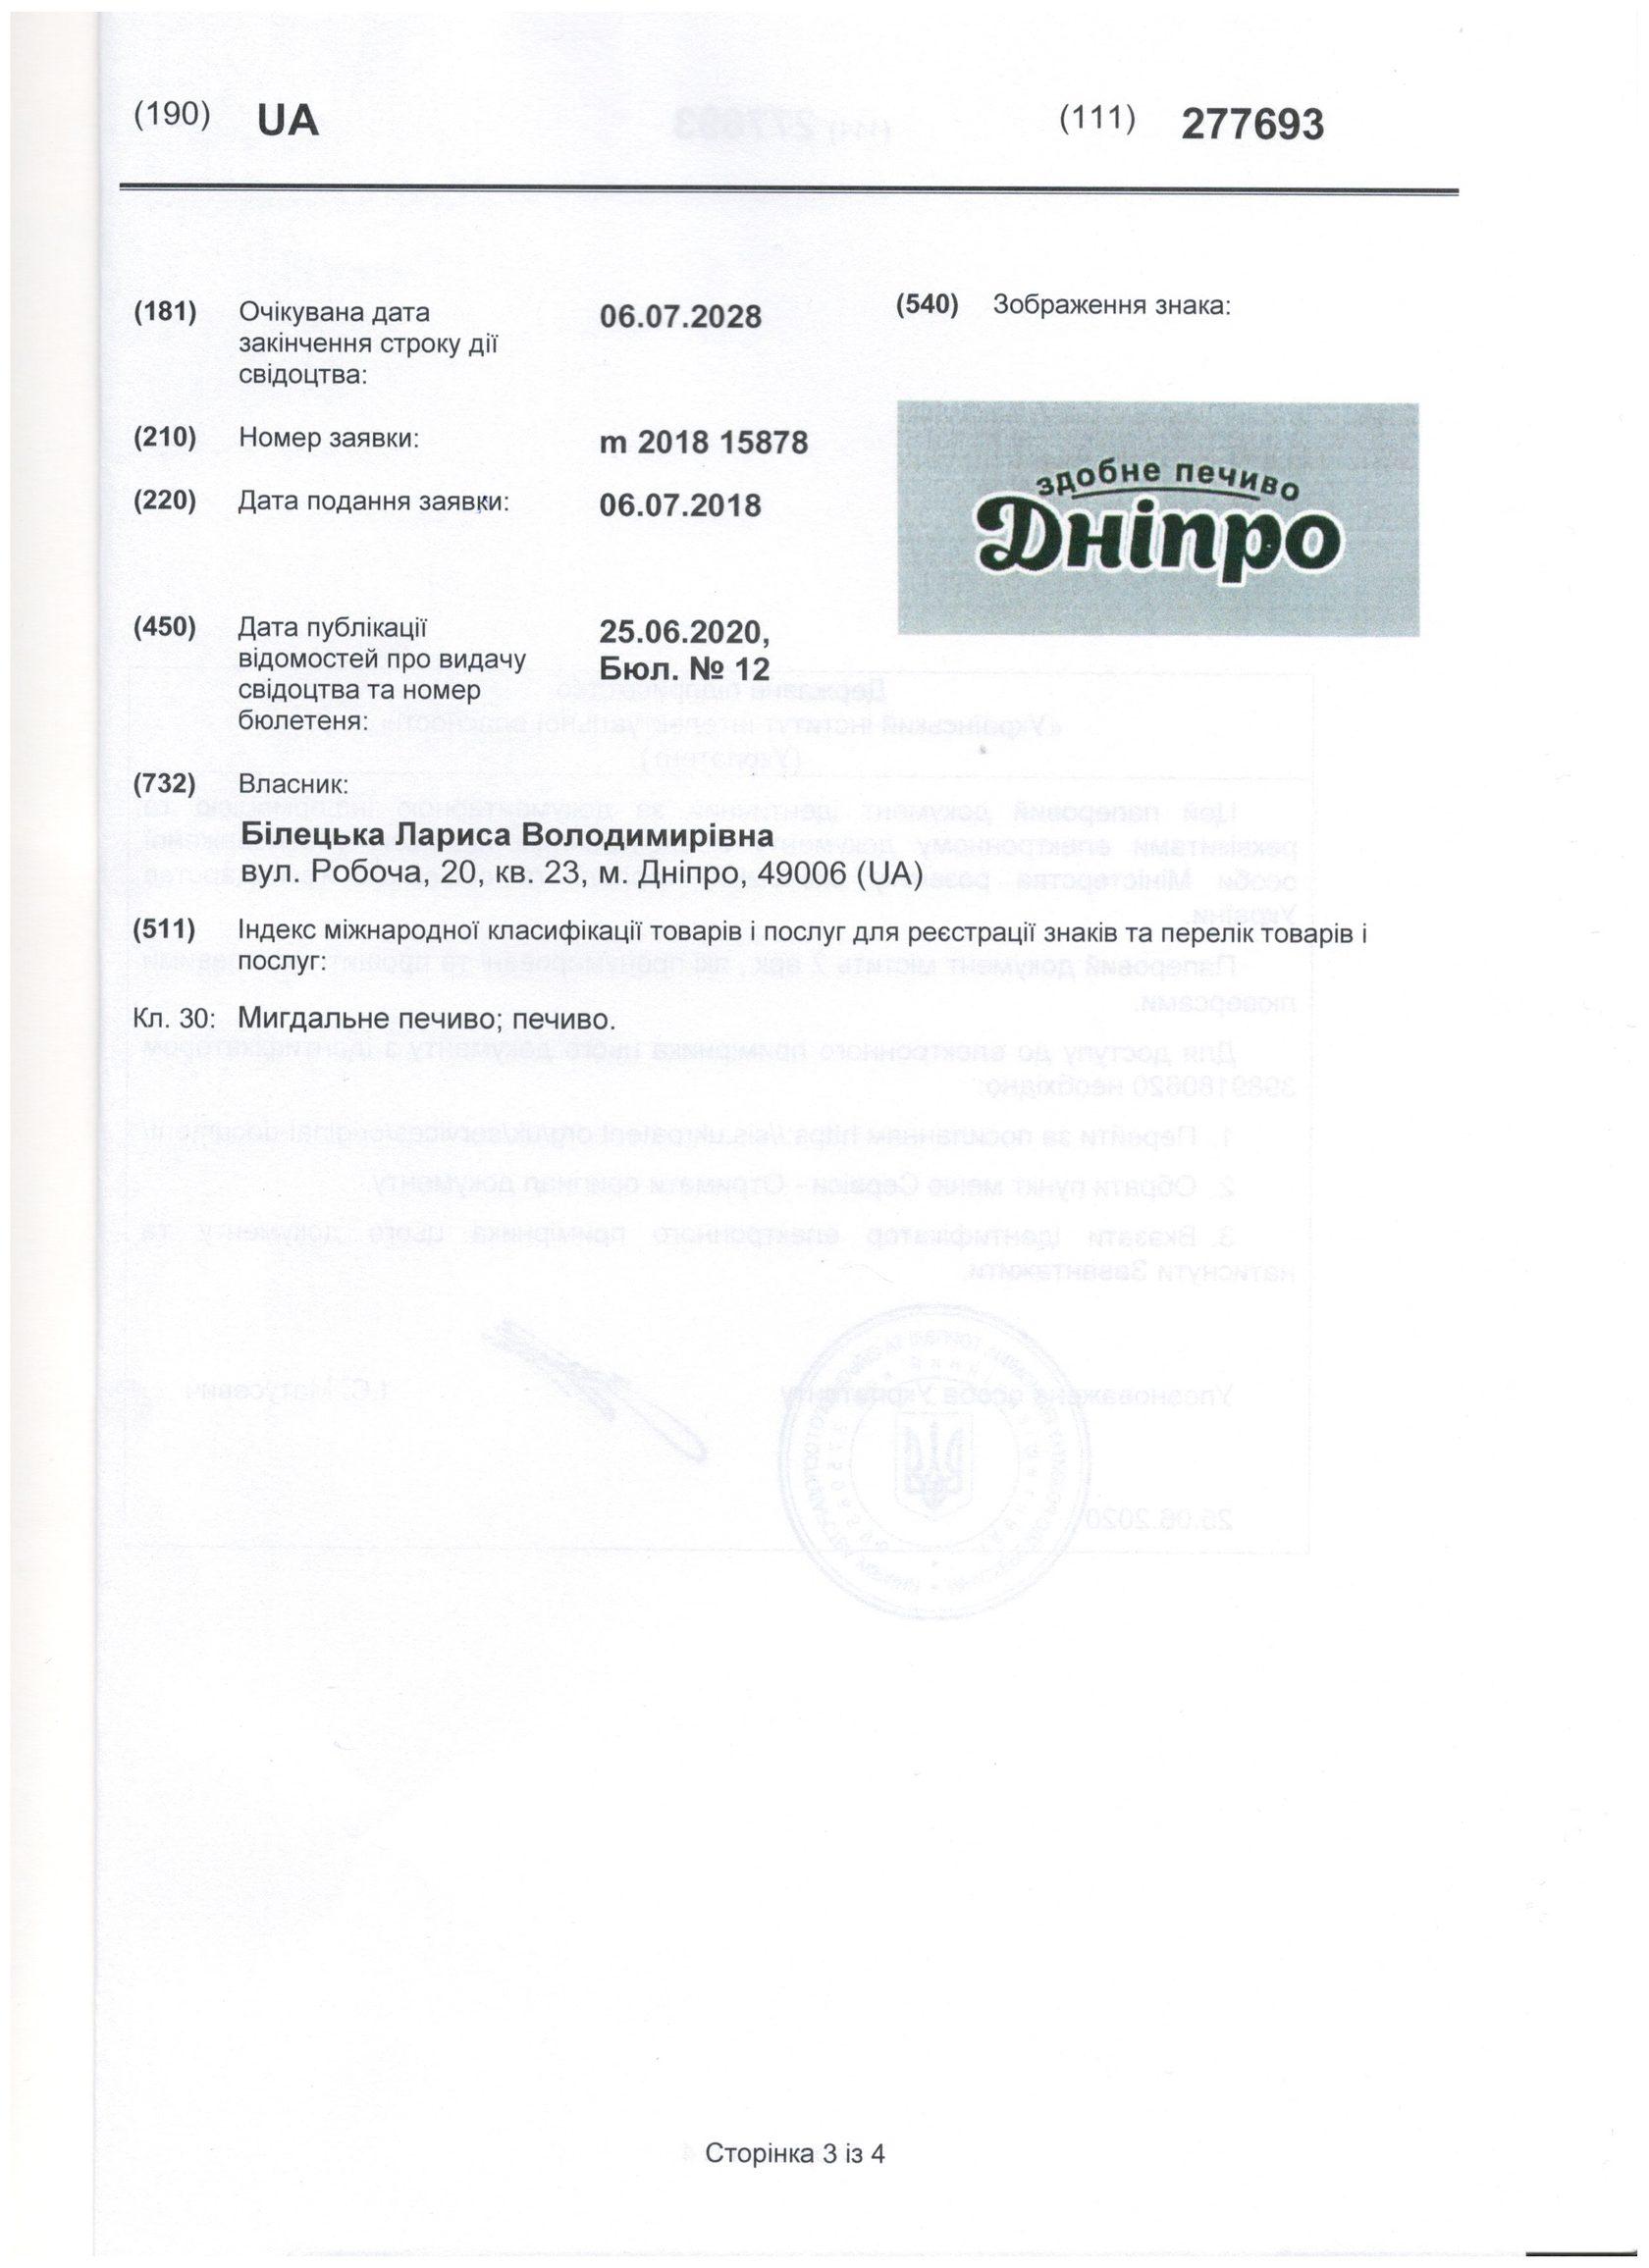 Зображення знаку для товарів і послуг Здобне печиво Дніпро